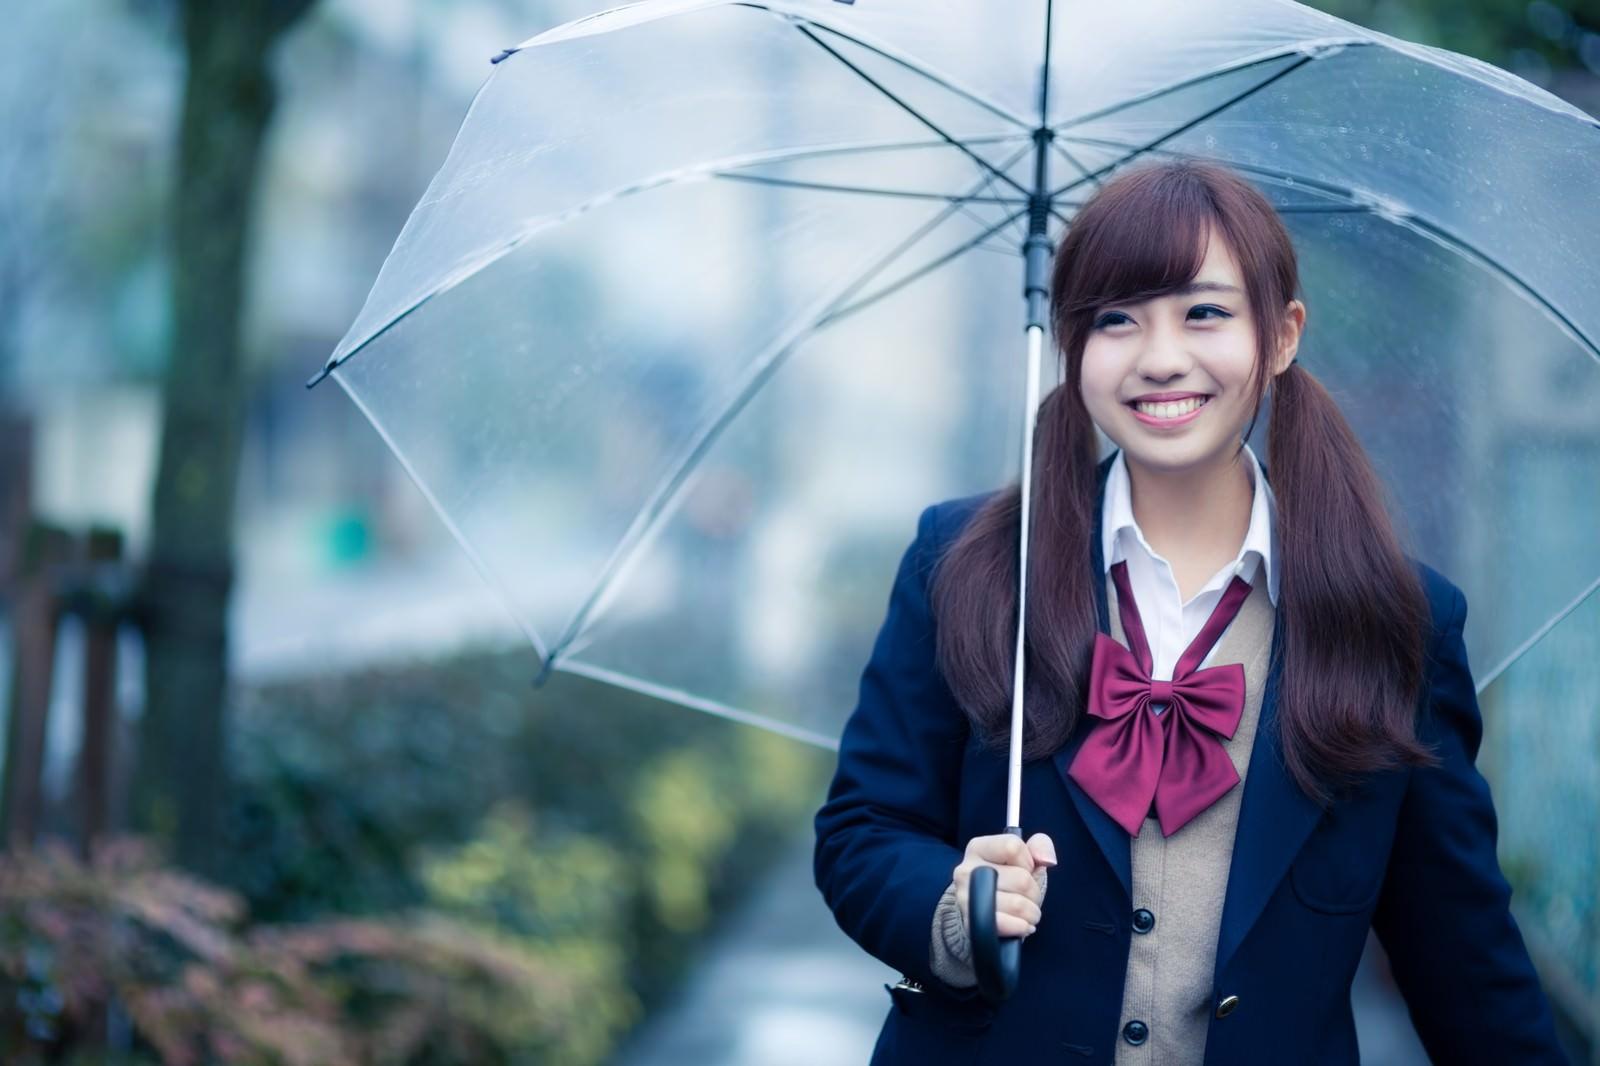 「傘を持ってるんそわしちゃう女子高生傘を持ってるんそわしちゃう女子高生」[モデル:河村友歌]のフリー写真素材を拡大